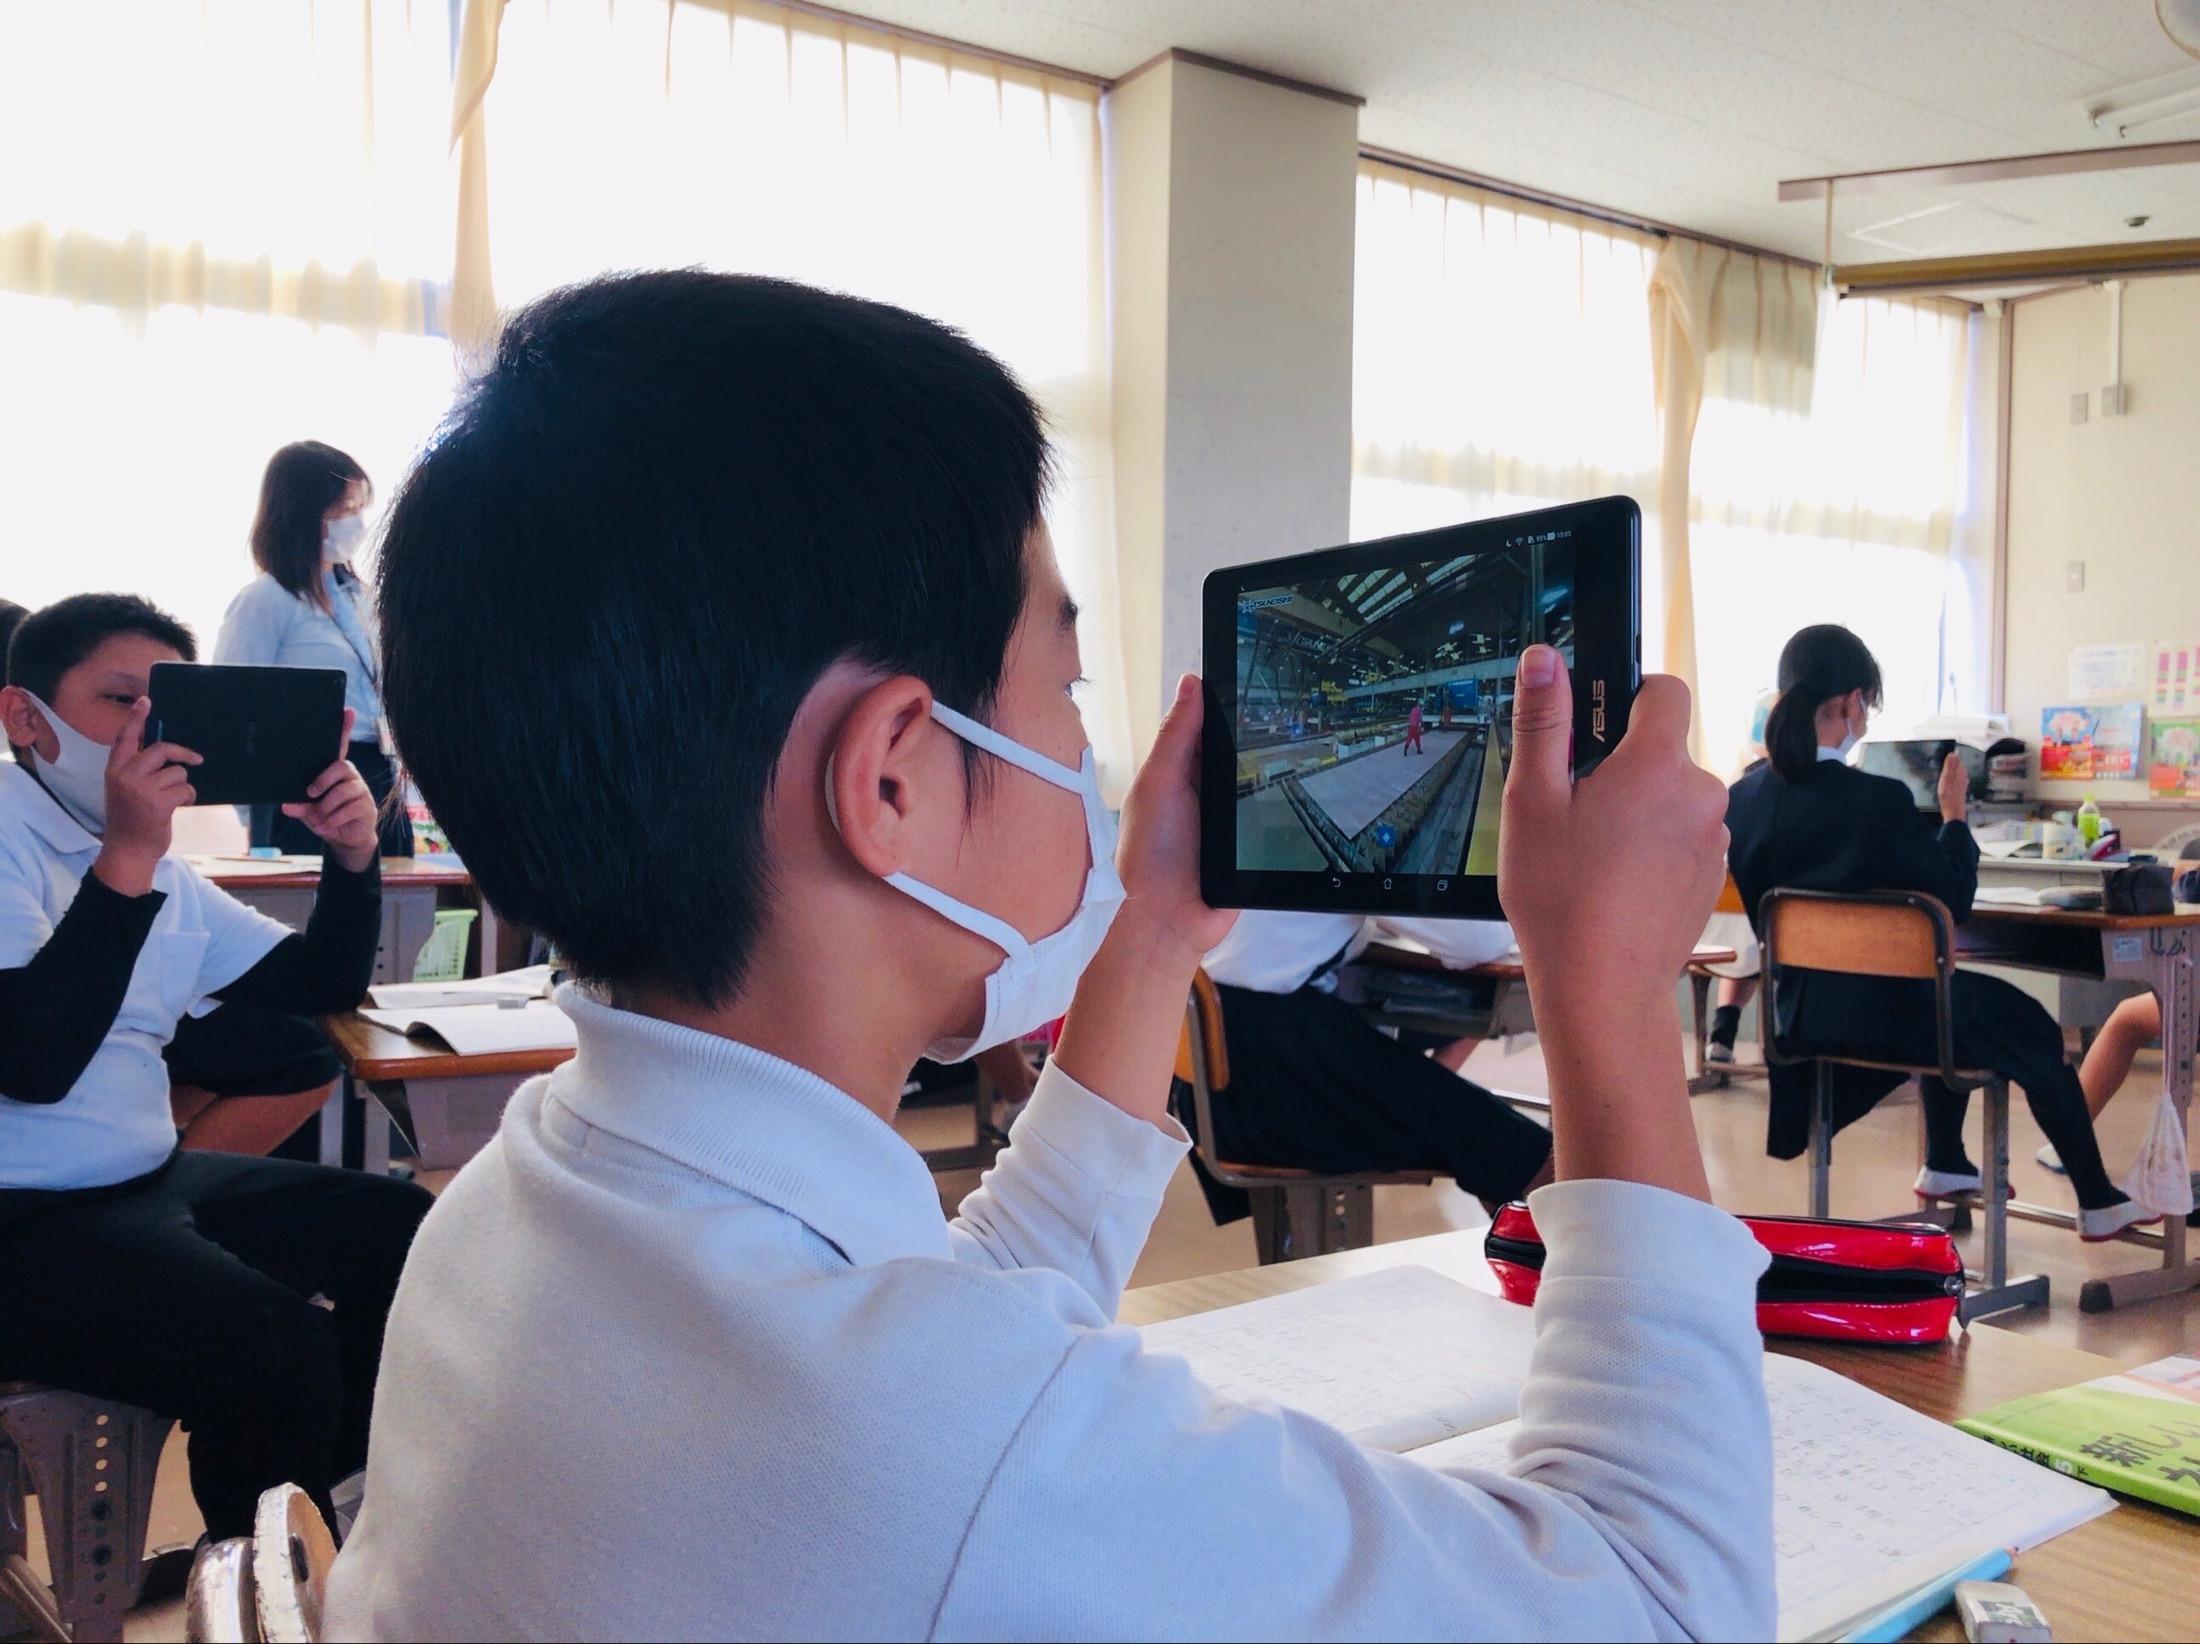 広島県福山市の小学校でVR工場見学を実施支援 ~社会科見学の新しい形~